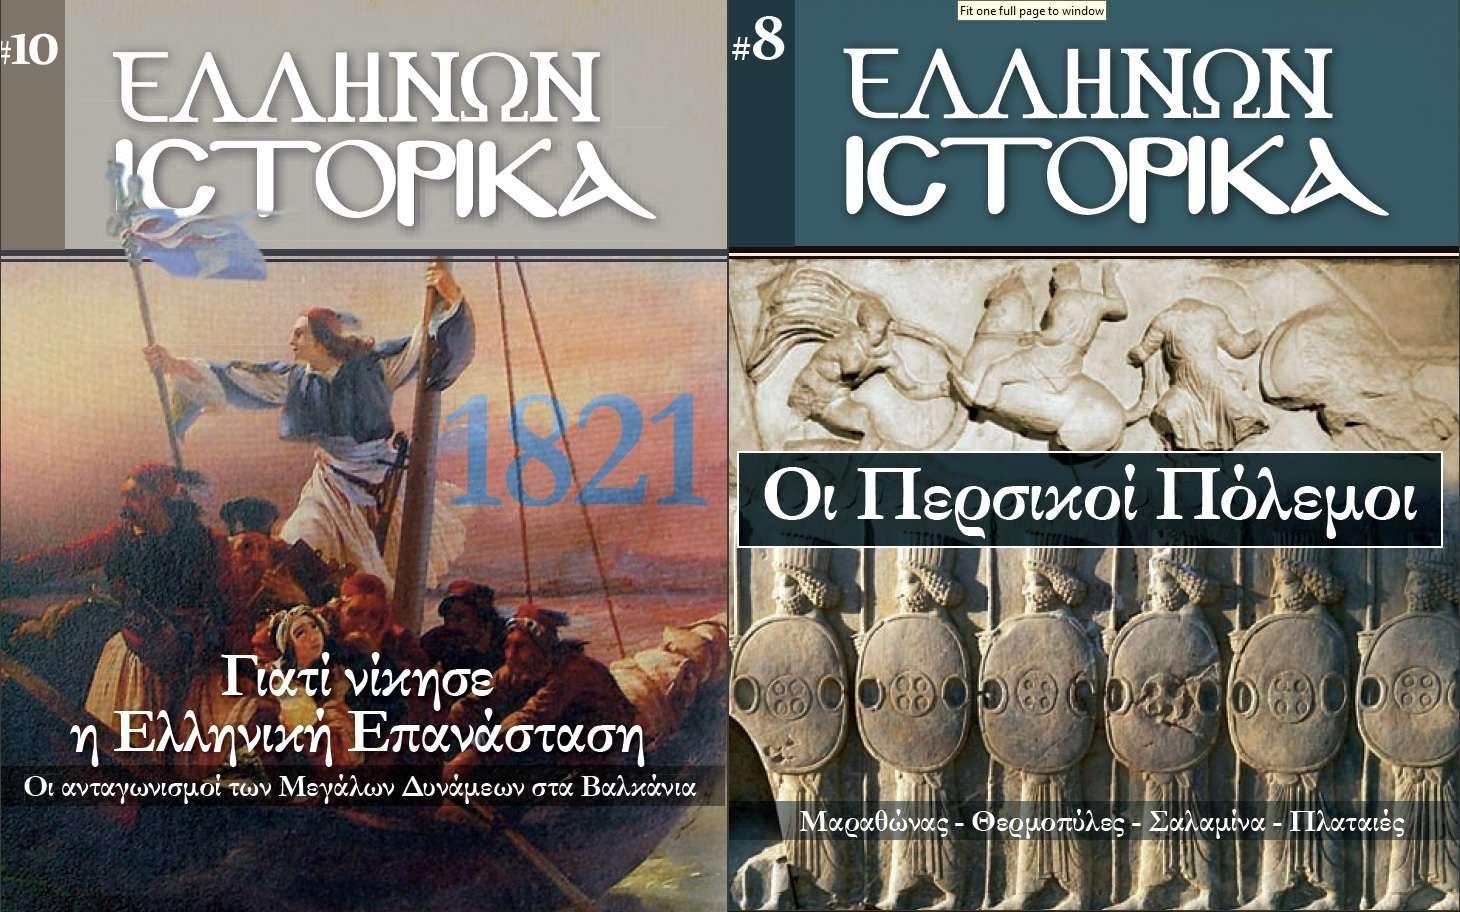 Κατεβάστε δωρεάν 15 τεύχη 'Ελλήνων Ιστορικά' (του Τύπου της Κυριακής) (pdf)